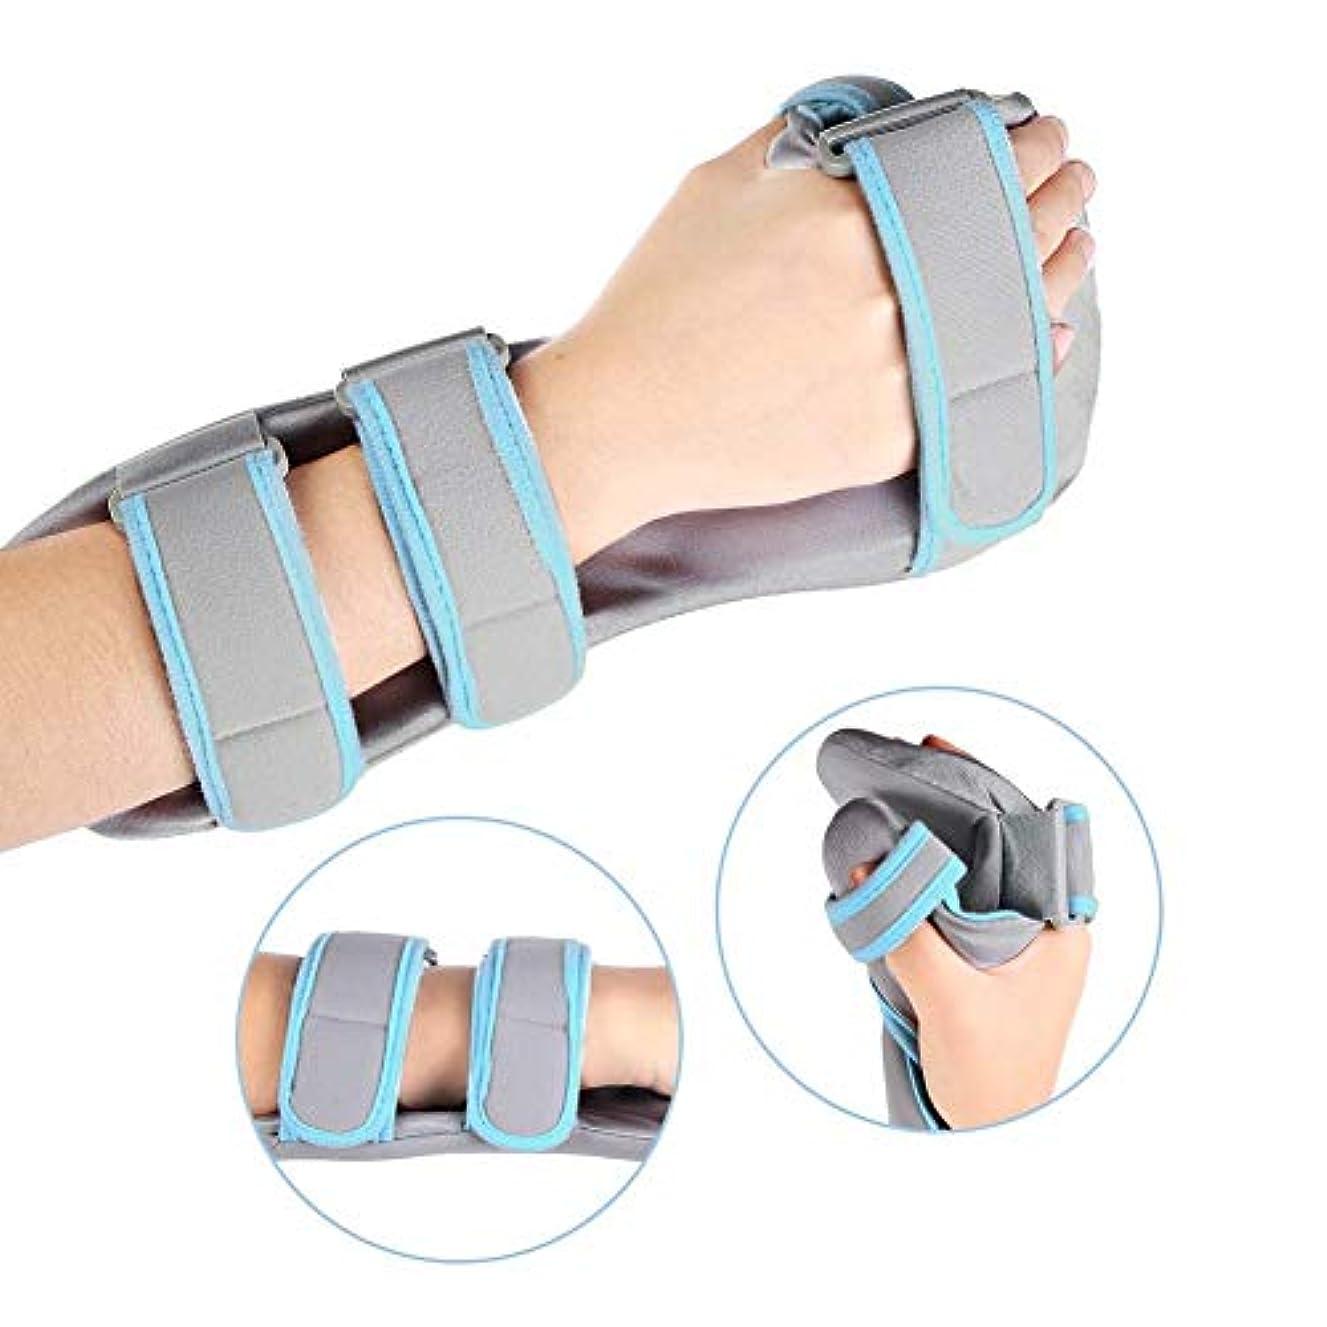 好色な屋内推論手首のサポート、手根管、骨折、捻rain、関節痛の軽減のための調節可能な通気性の手のサポート,Right,S